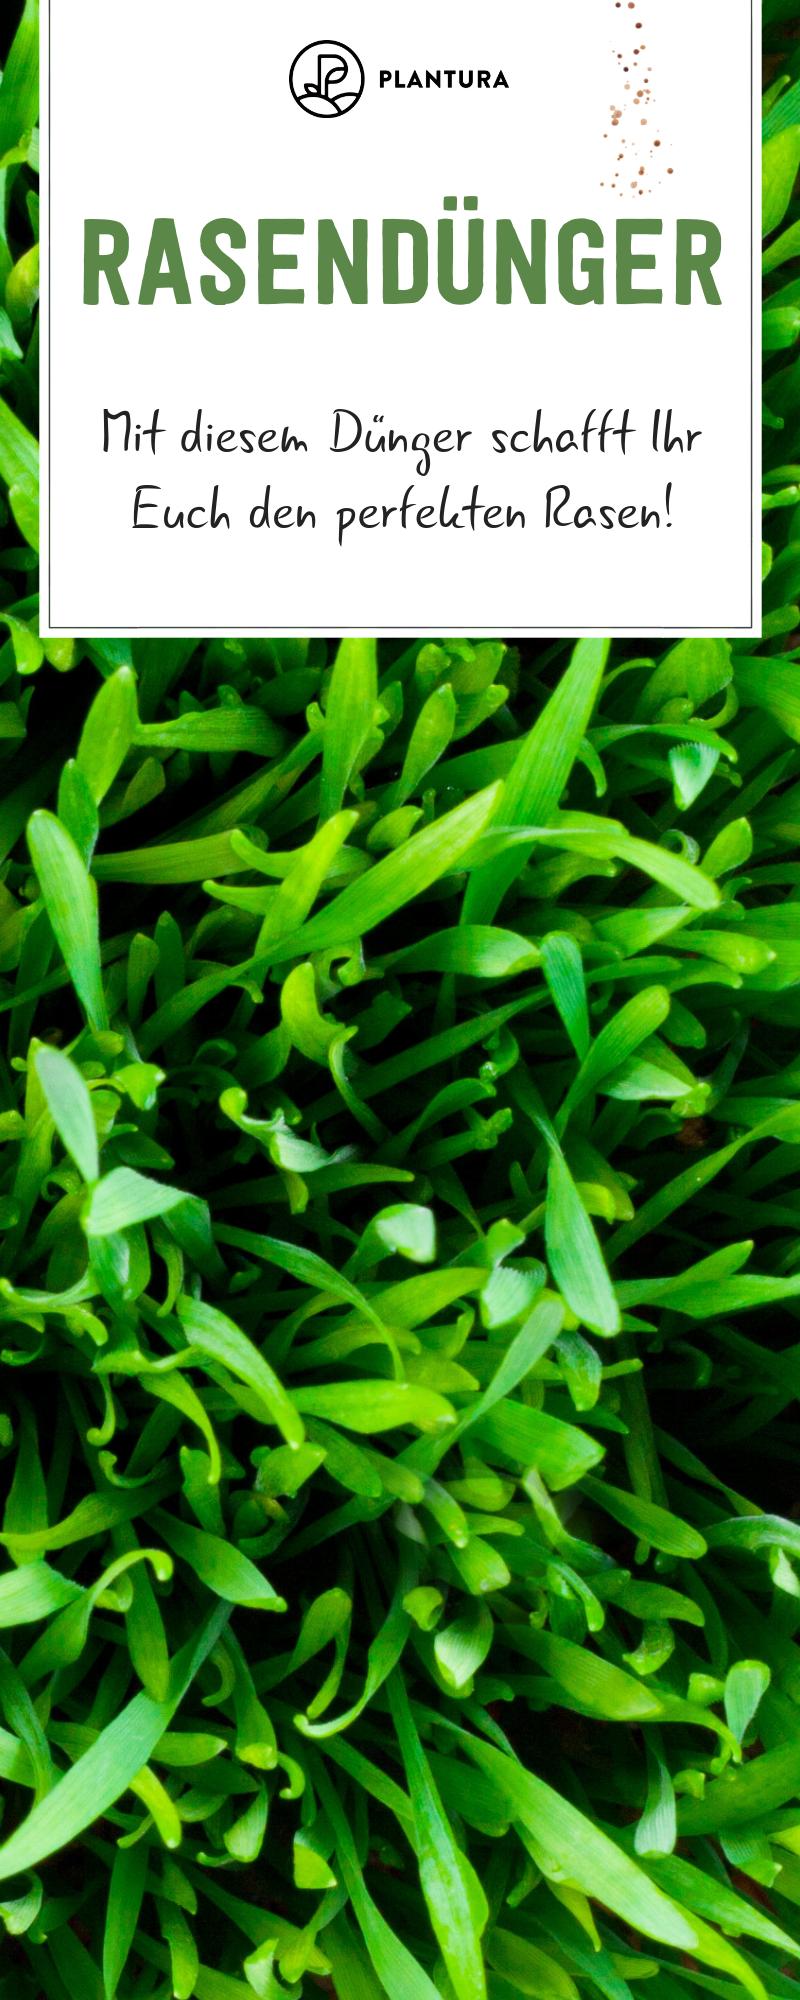 Rasendunger Dungerubersicht Fur Den Perfekten Rasen Plantura Rasen Gruner Rasen Rasen Dungen